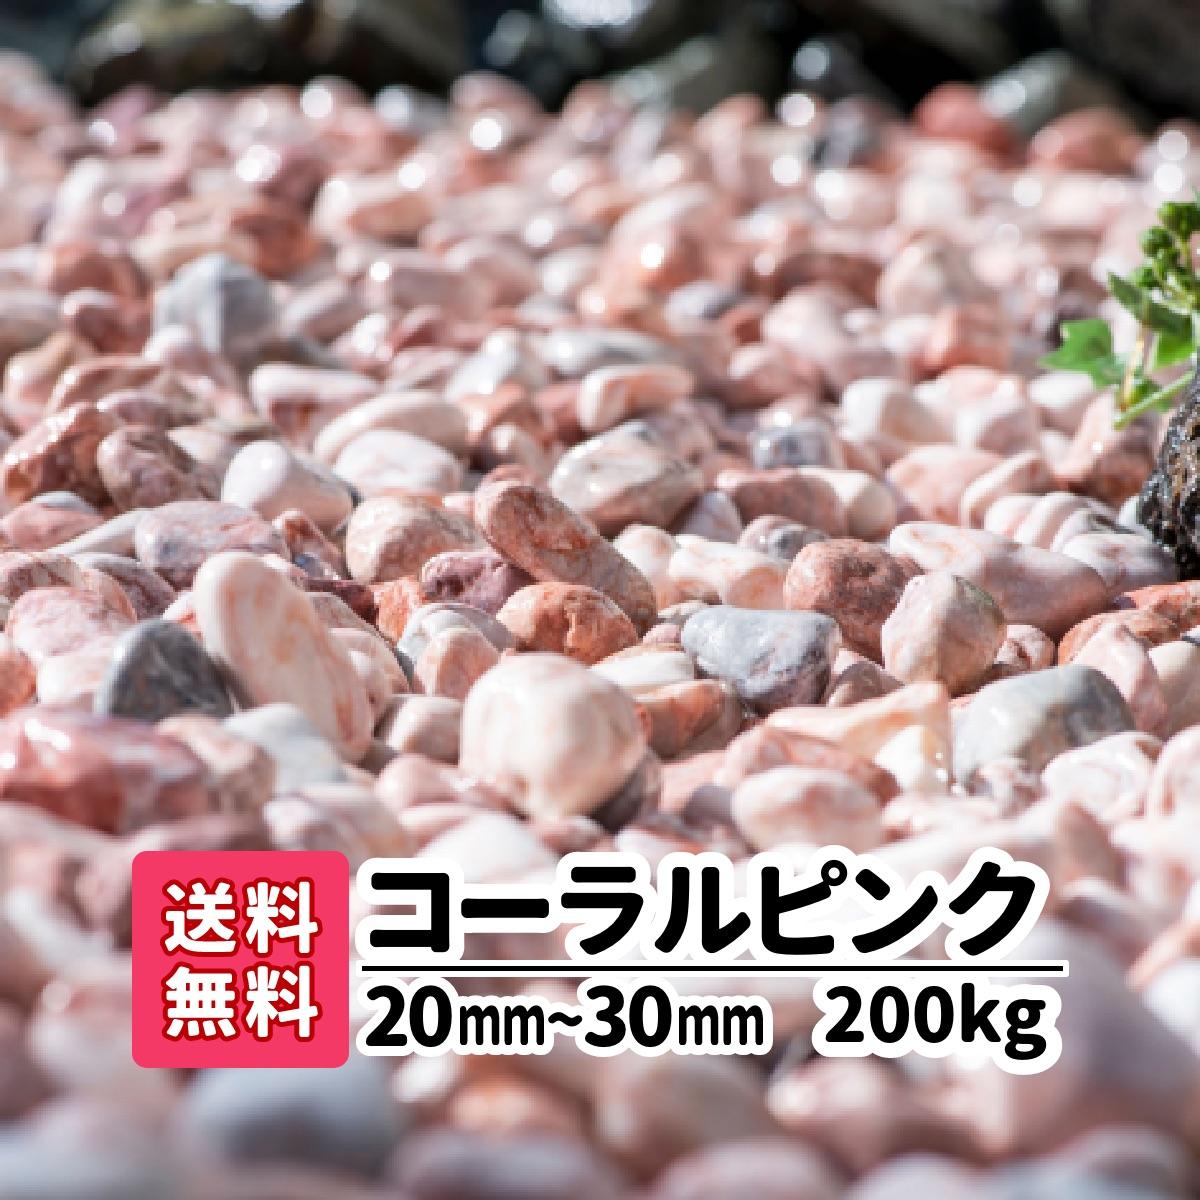 庭工事、エクステリア工事を得意とするガーデンステージです。石や砂利は年間700トンを扱います。お庭の事ならお任せください!! 【送料無料】200kg コーラルピンク 20mm~30mm(20kg×10)砂利 庭 アプローチ 化粧砂利 石 玉石 おしゃれ ガーデニング 白